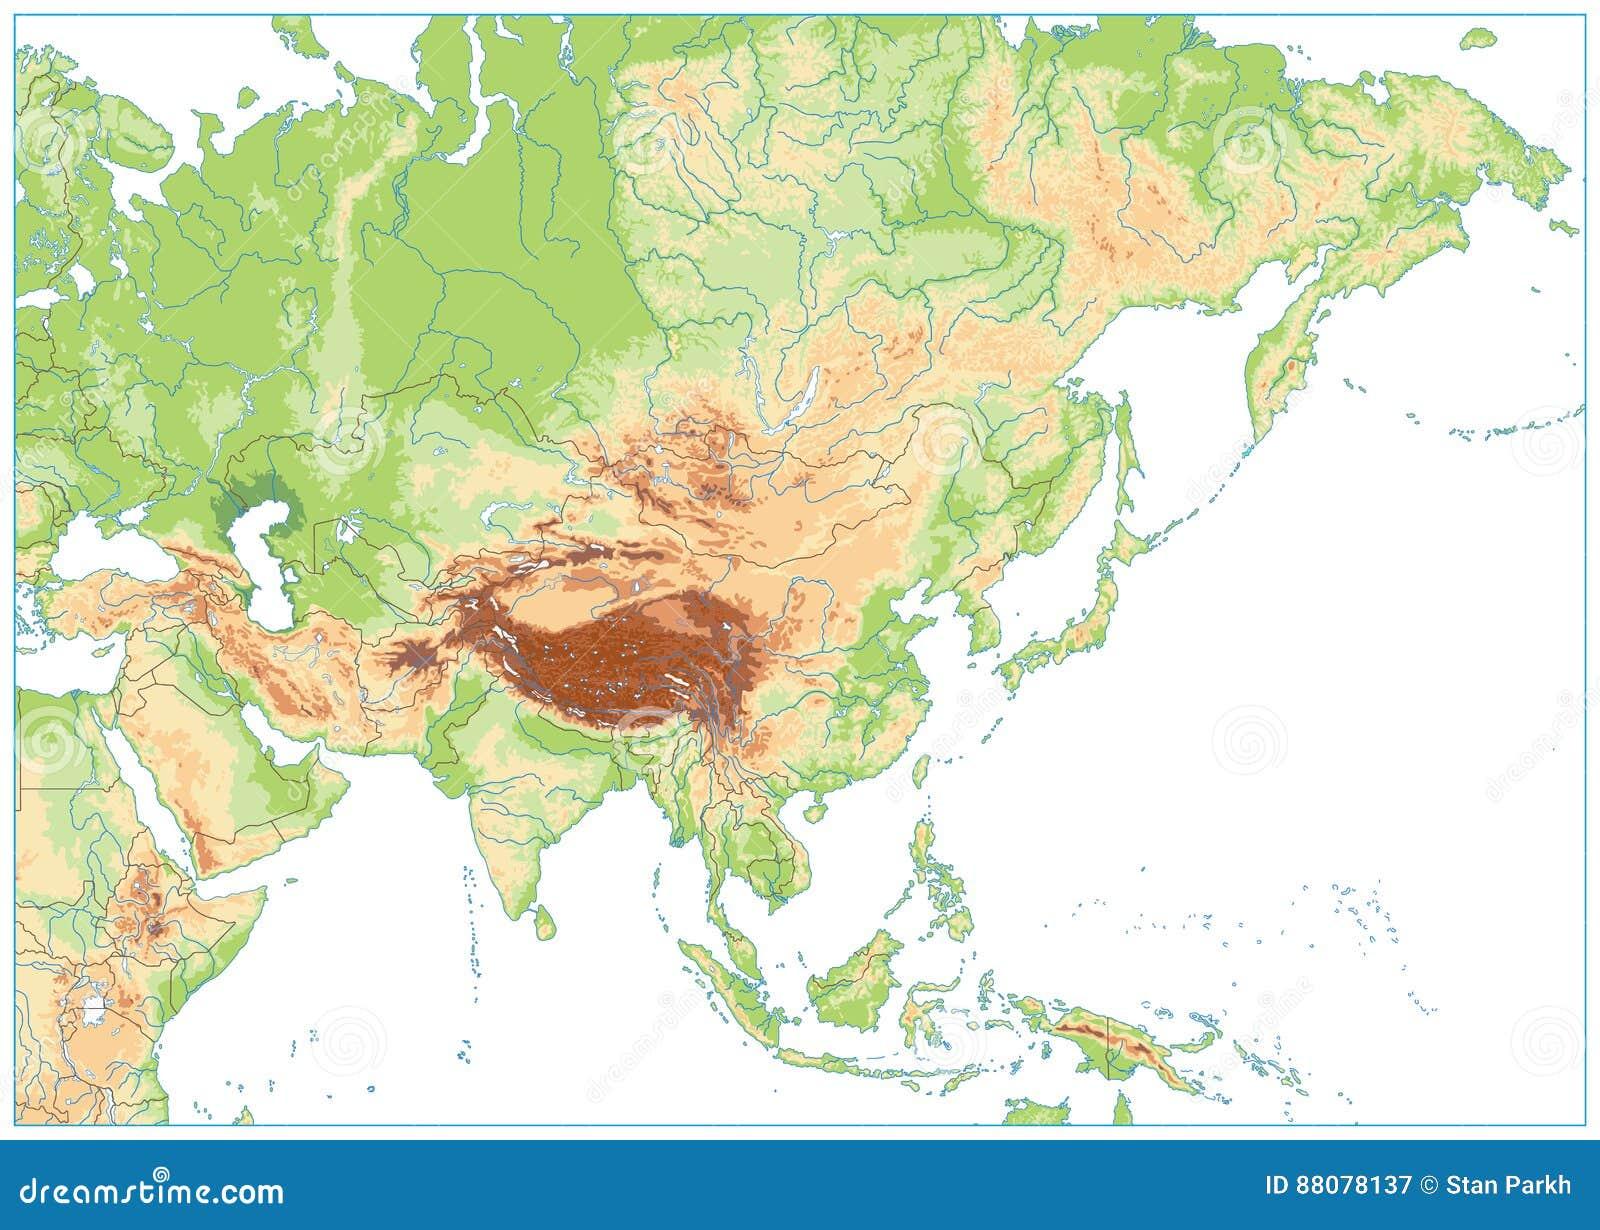 Mapa Mudo Asia Fisico.Mapa Fisico De Asia Aislado En Blanco Ningui N Texto